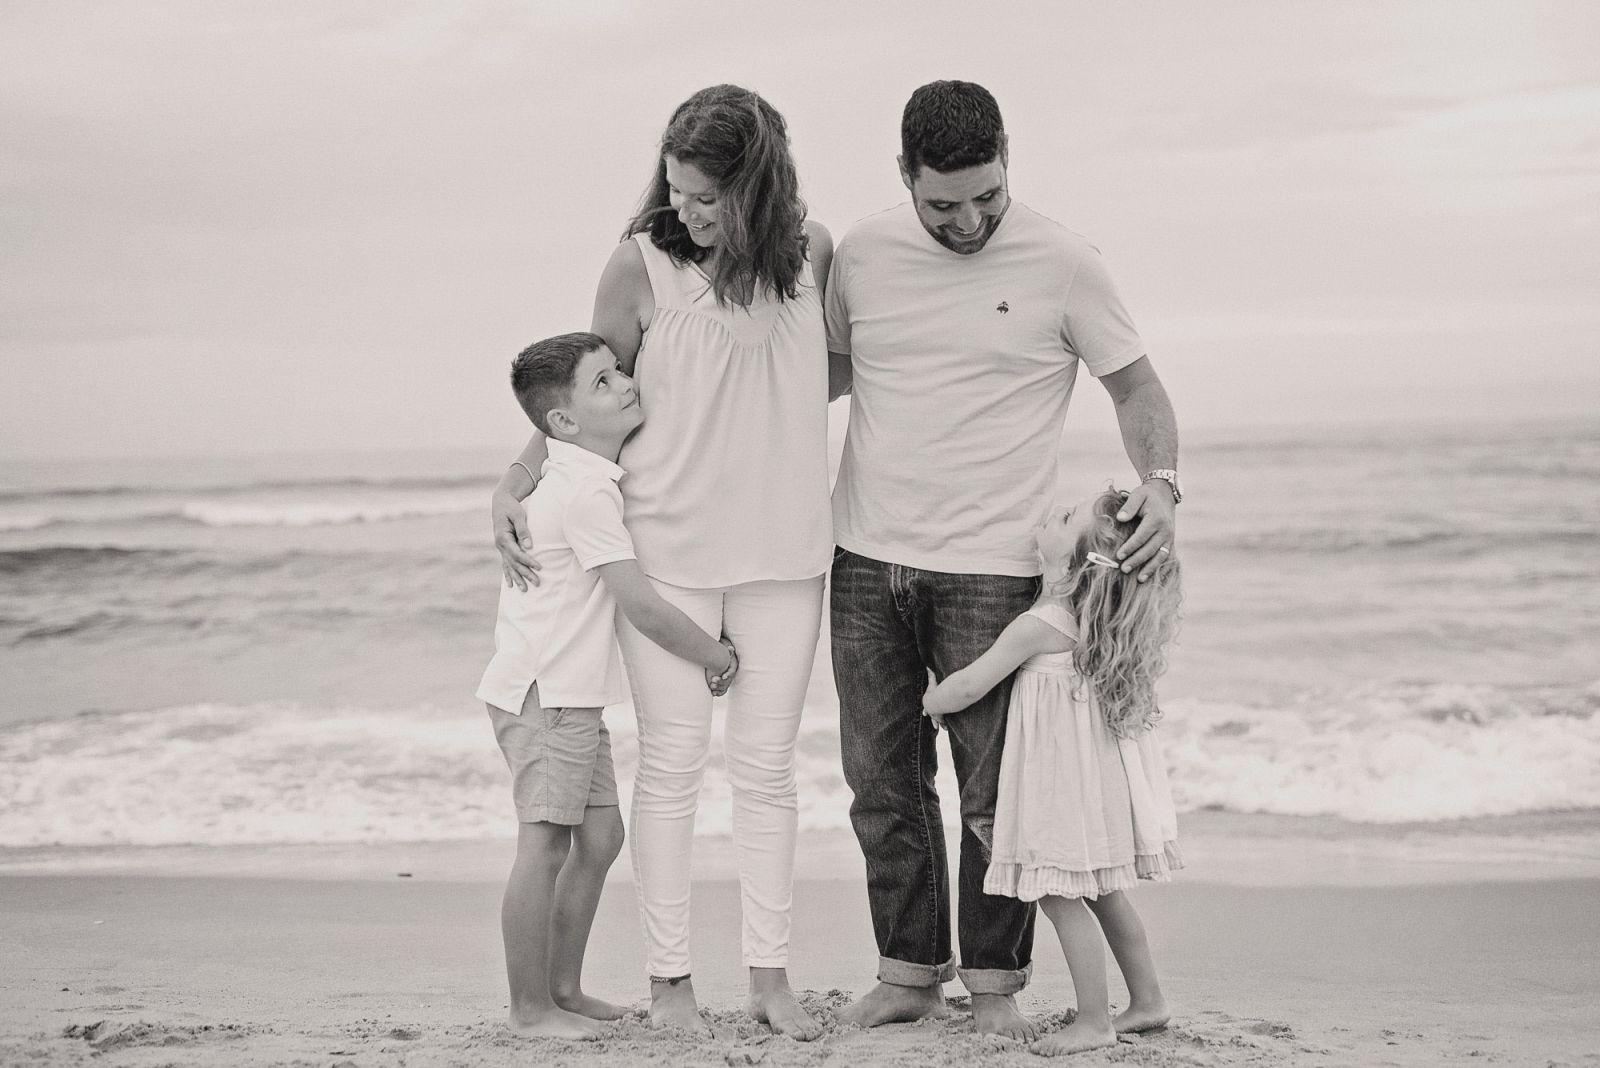 family photography lifestyle beach syracuse ny cazenovia new york